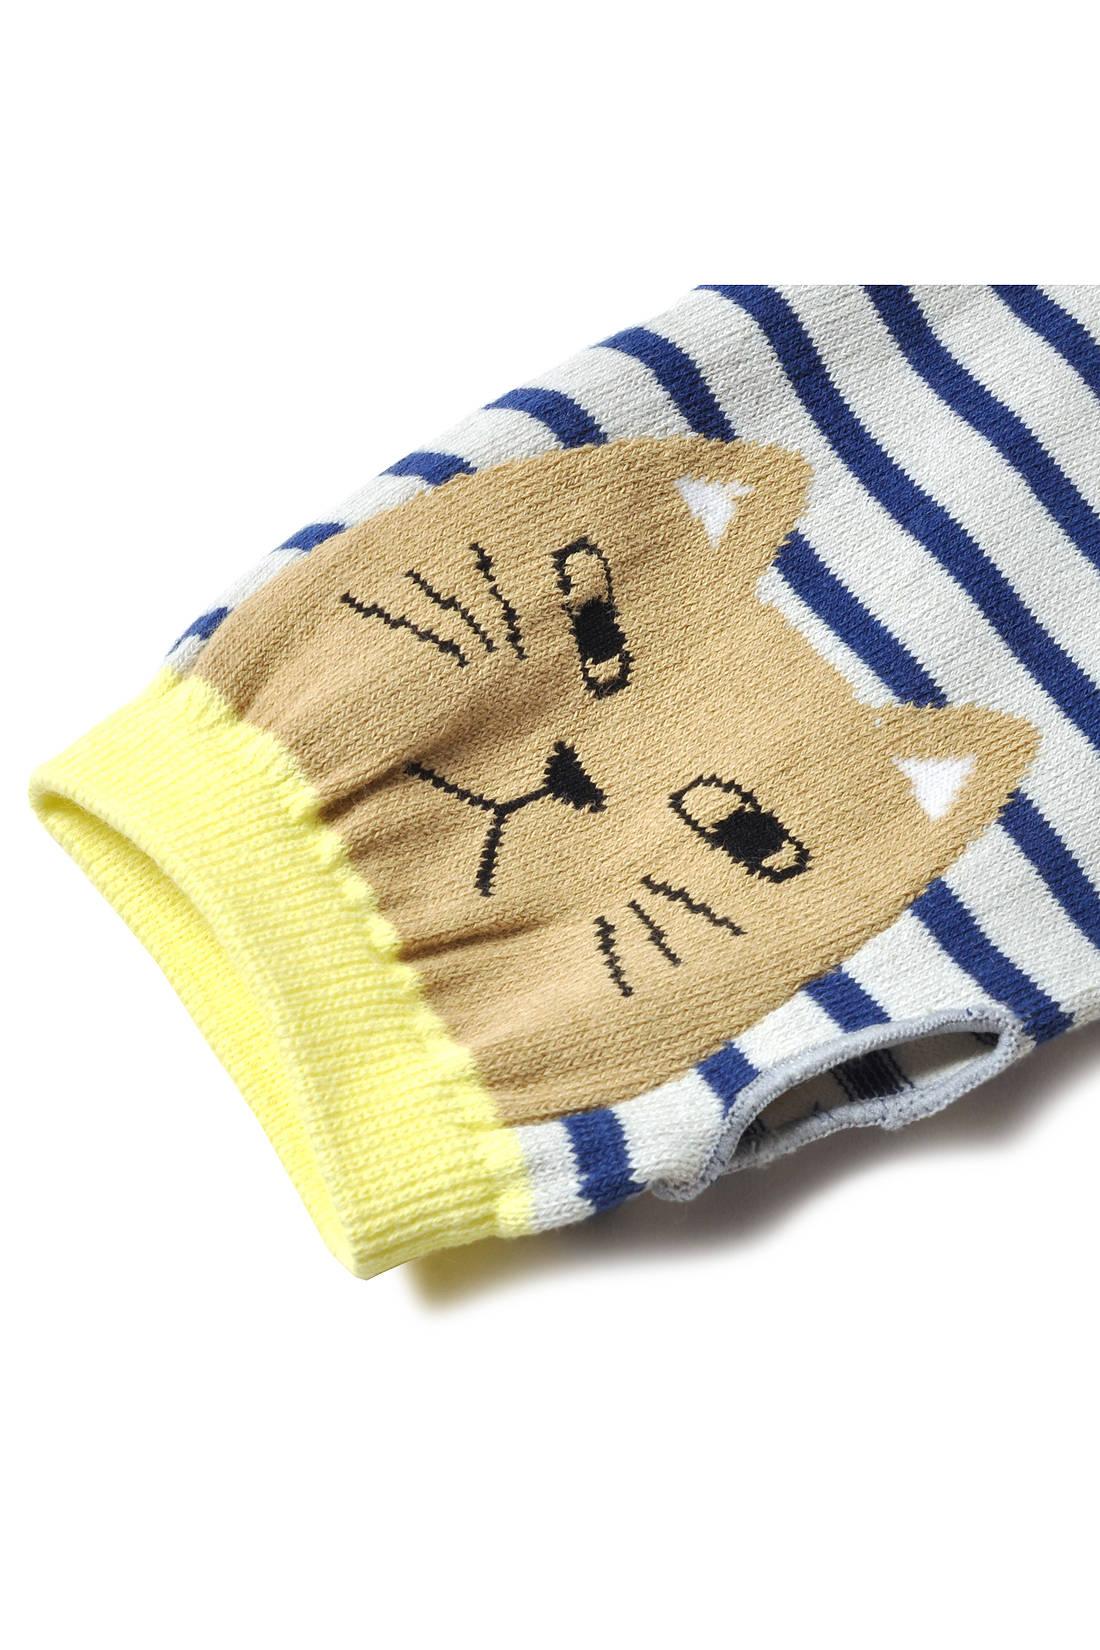 親指ホール付きで、手の甲にネコの顔が! ママが着けるたびこどもも大喜び。